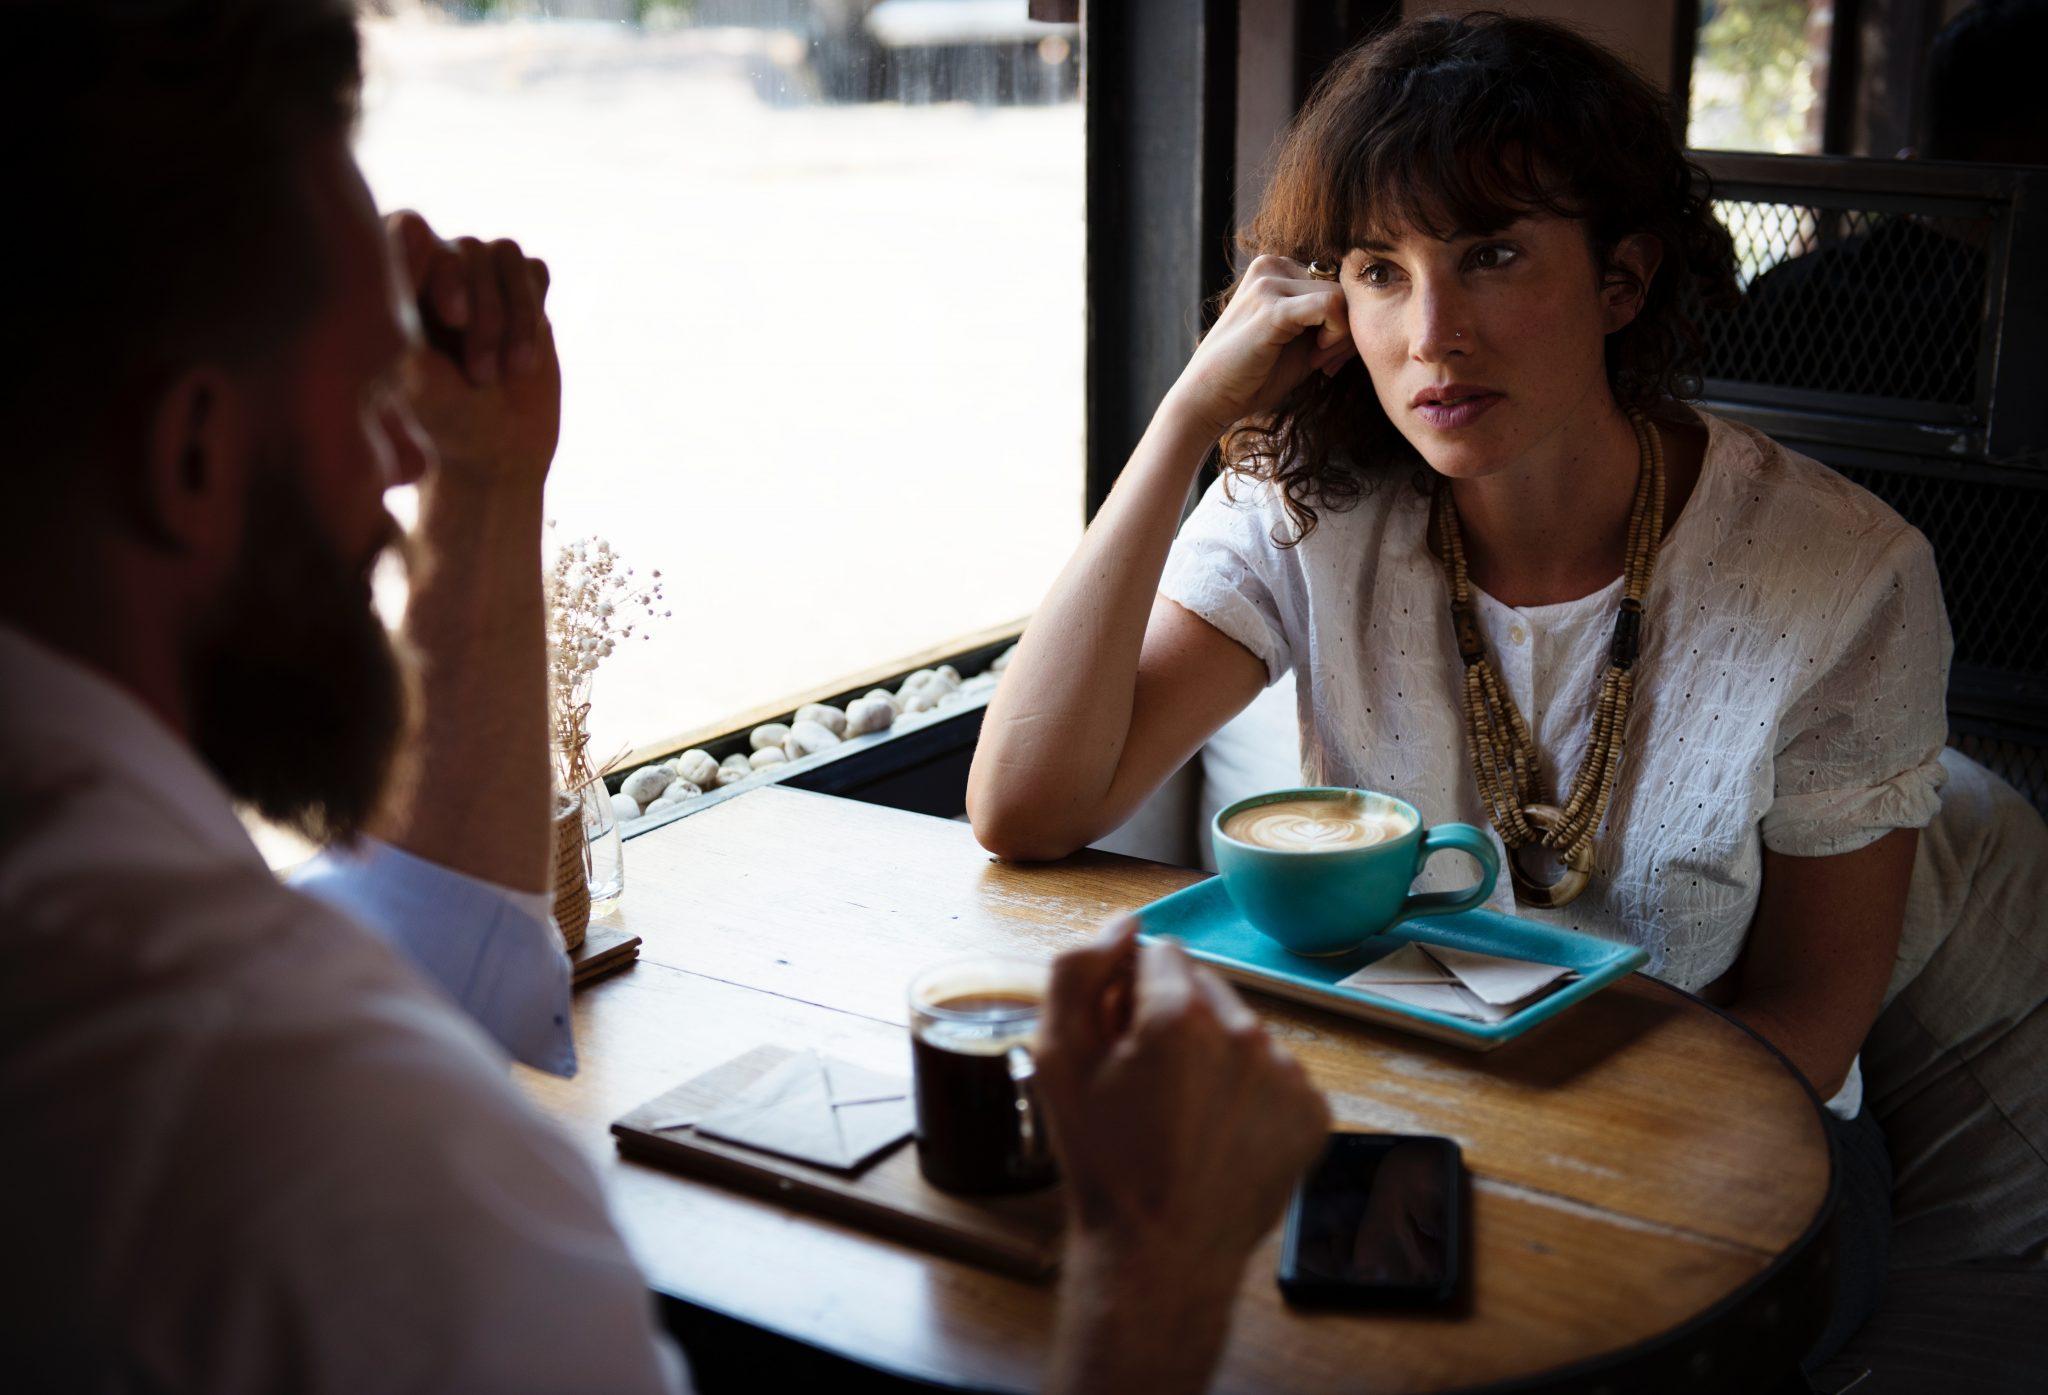 Minfdul luisteren: echt luisteren naar jezelf en naar anderen